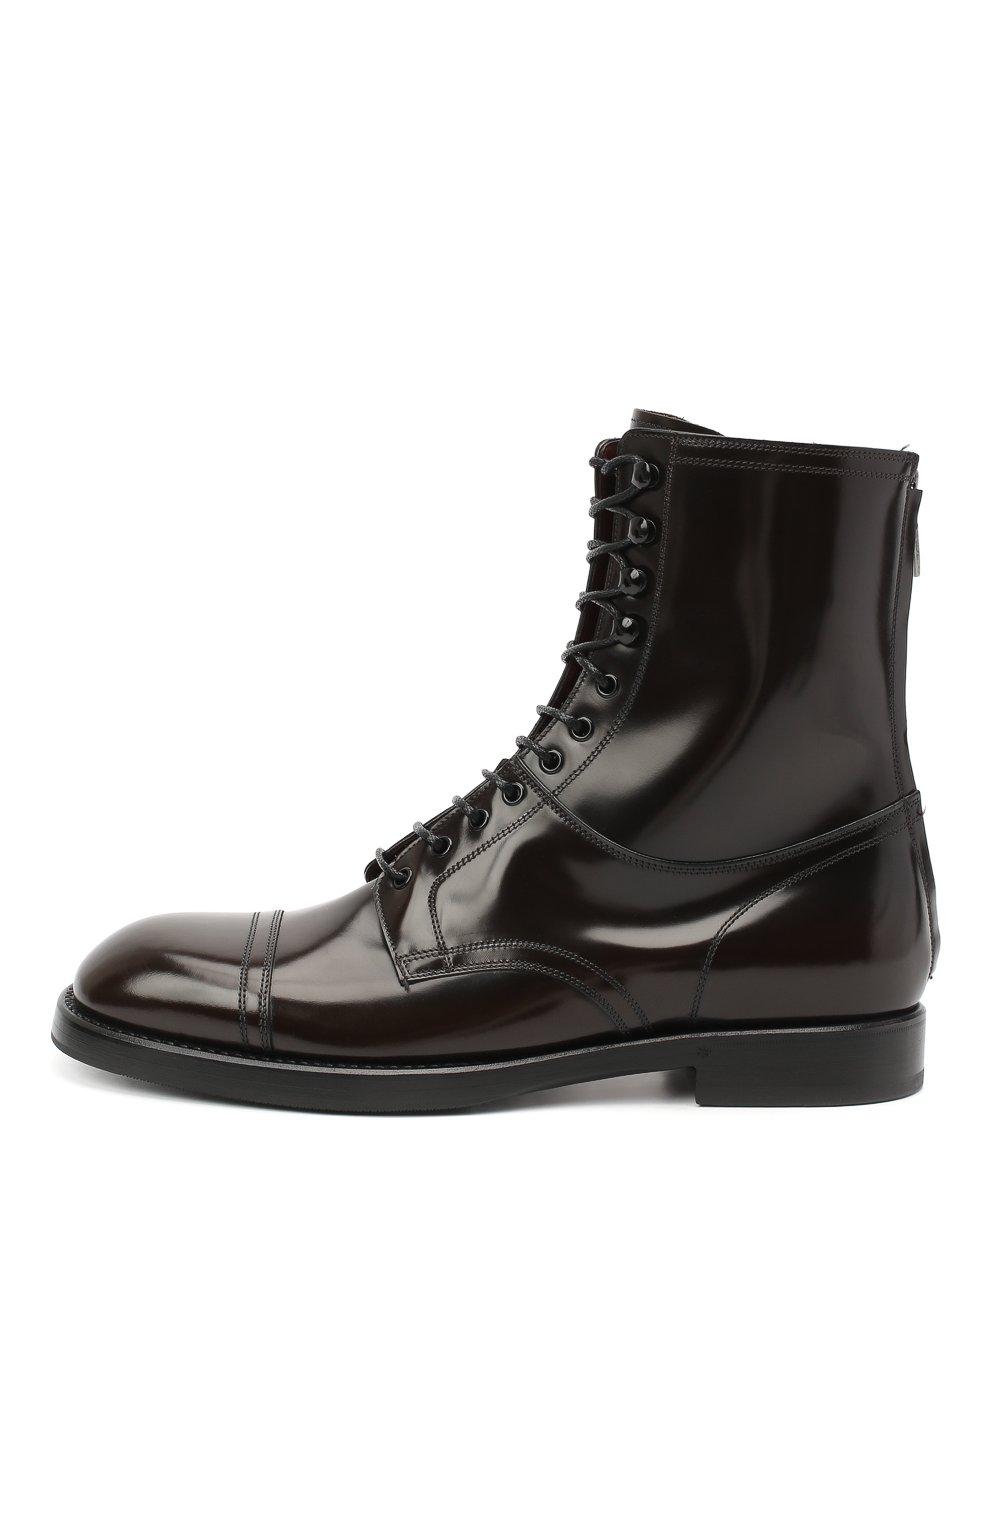 Мужские кожаные ботинки DOLCE & GABBANA темно-коричневого цвета, арт. A60318/A1203   Фото 3